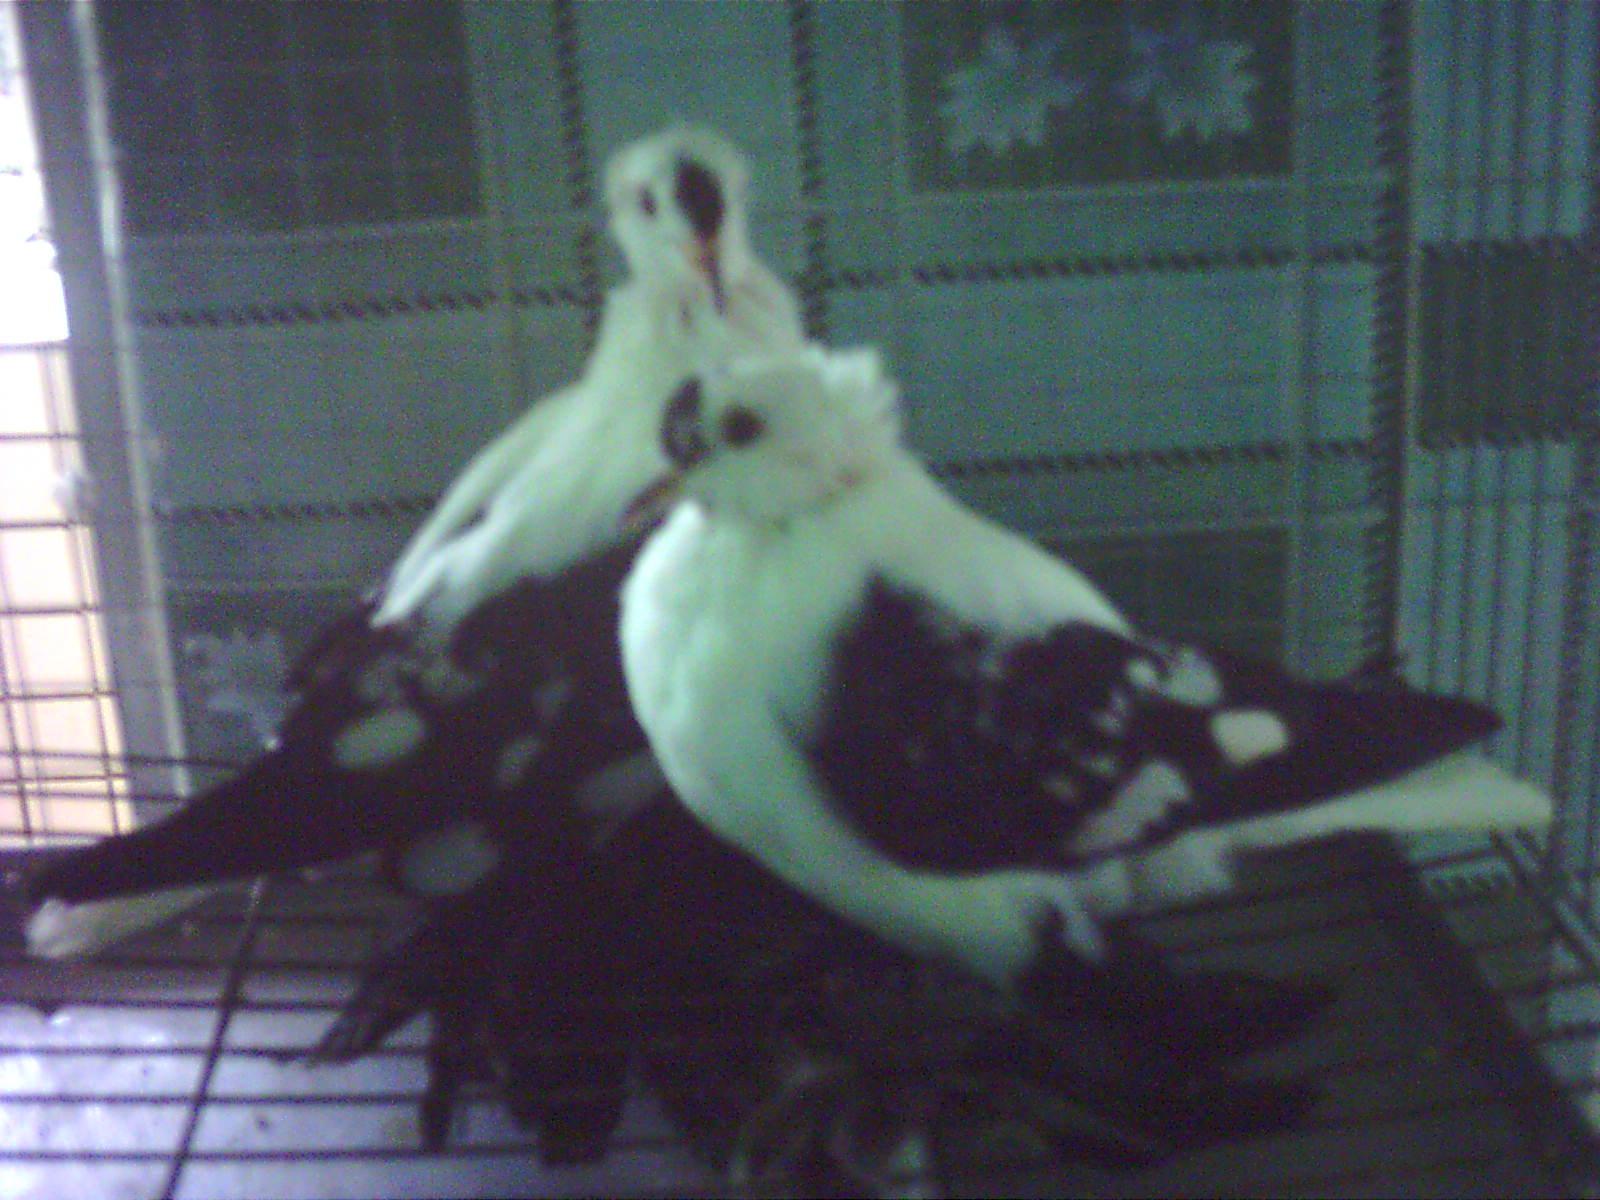 中国 世界/世界名鸽//中国信鸽信息网相册